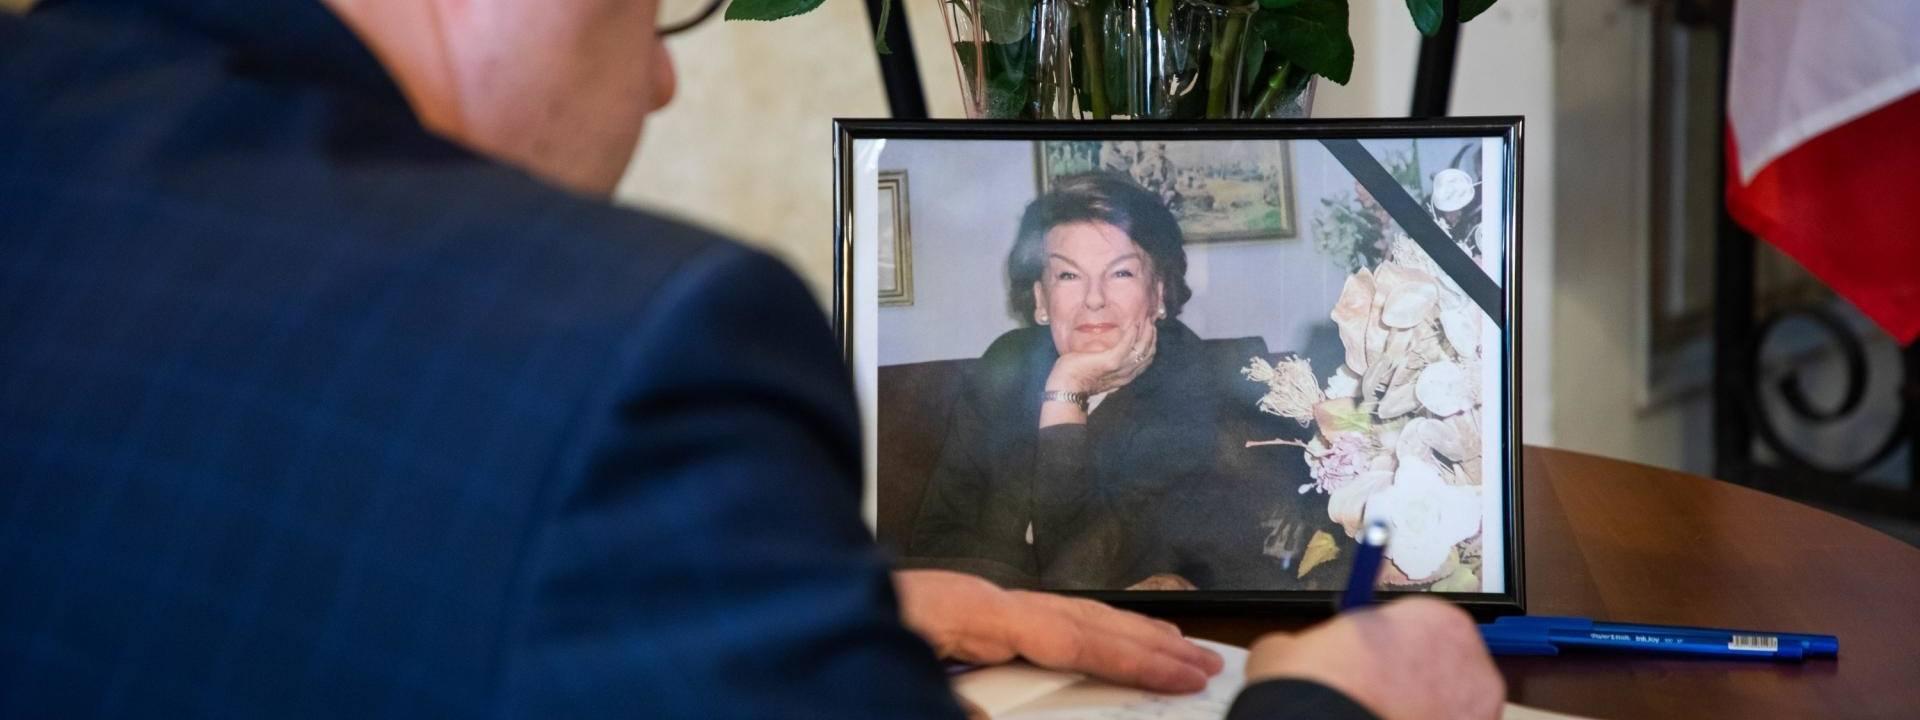 Księga kondolencyjna w związku ze śmiercią Marii Koterbskiej jest wystawiona w bielskim Ratuszu do 28 stycznia